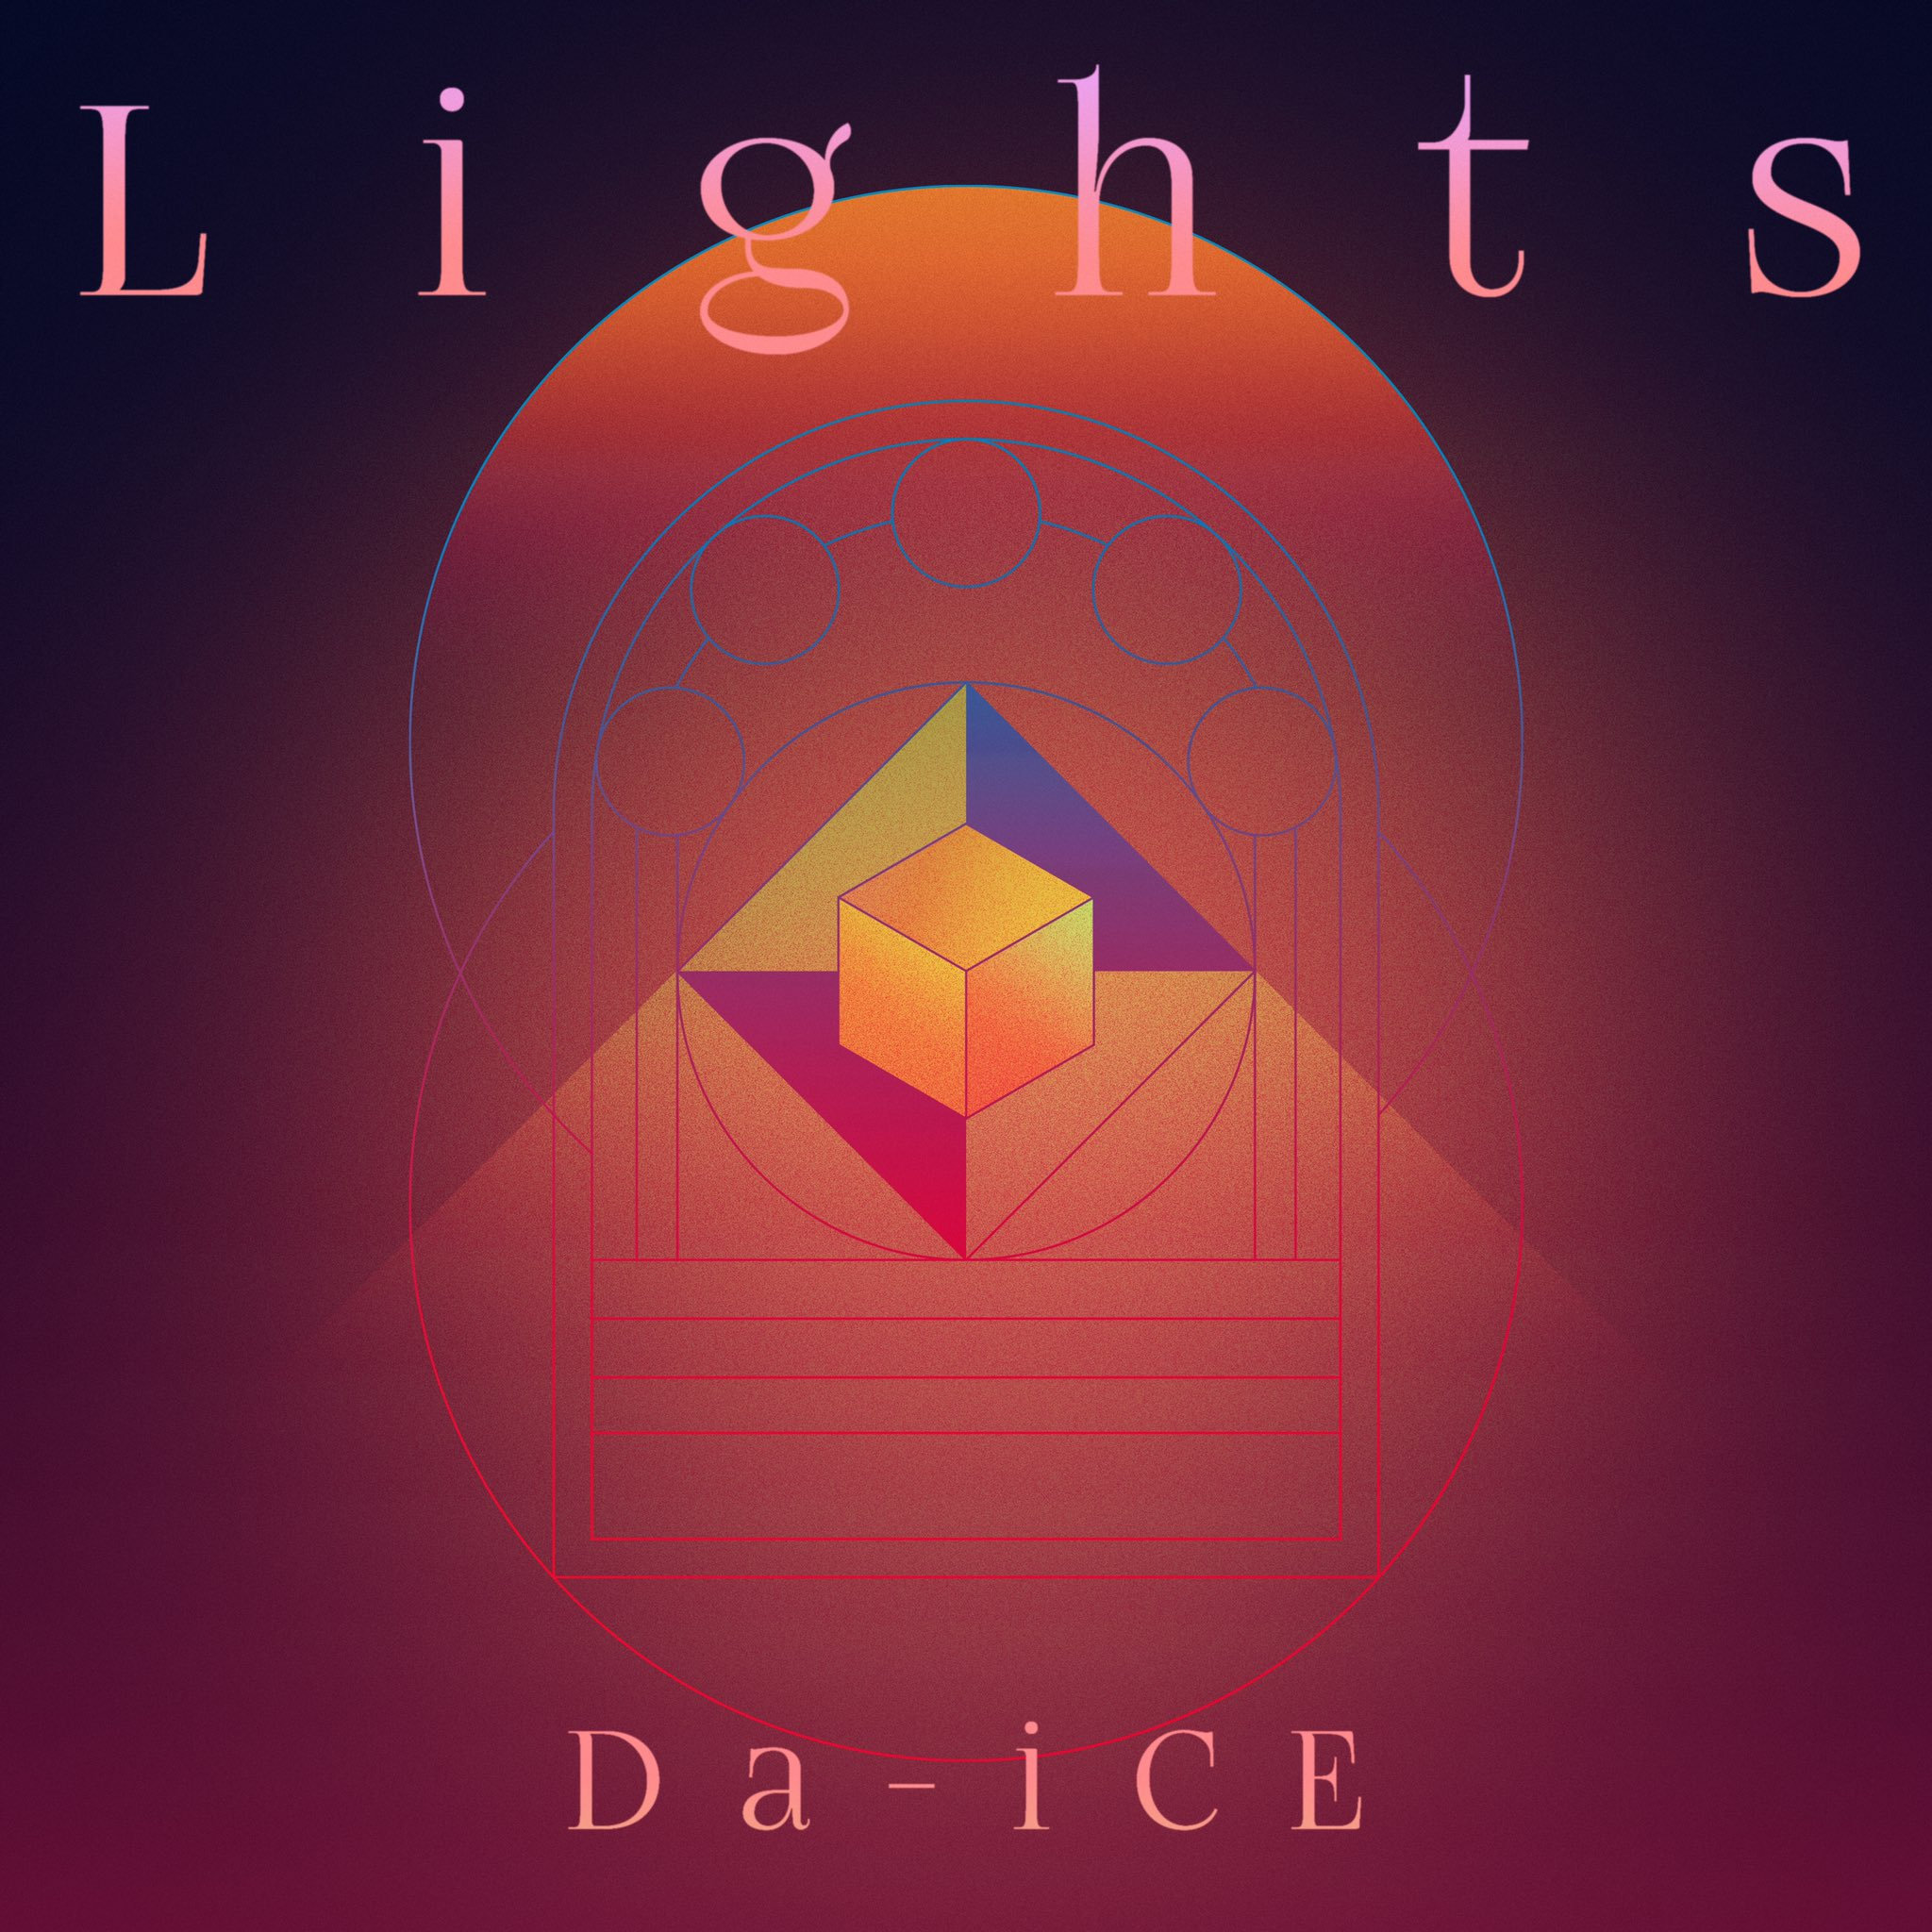 Da-iCE - Lights